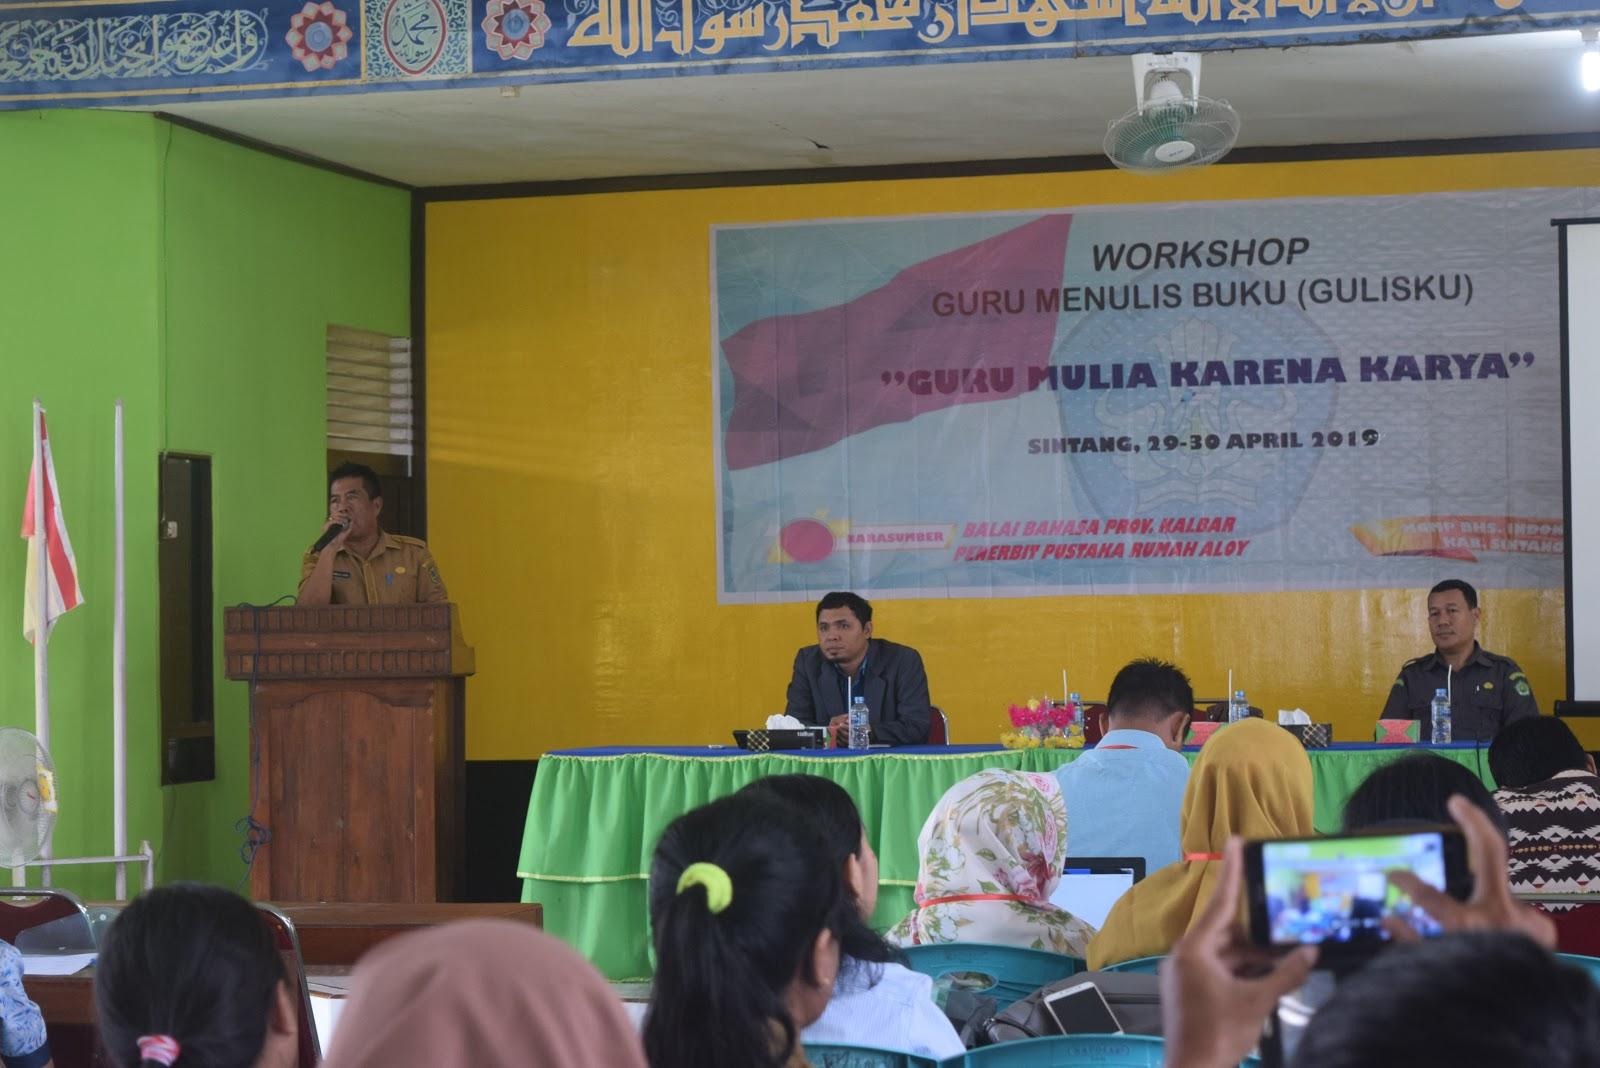 Staf Ahli Bupati Buka Workshop Menulis Bagi Guru Bahasa Indonesia